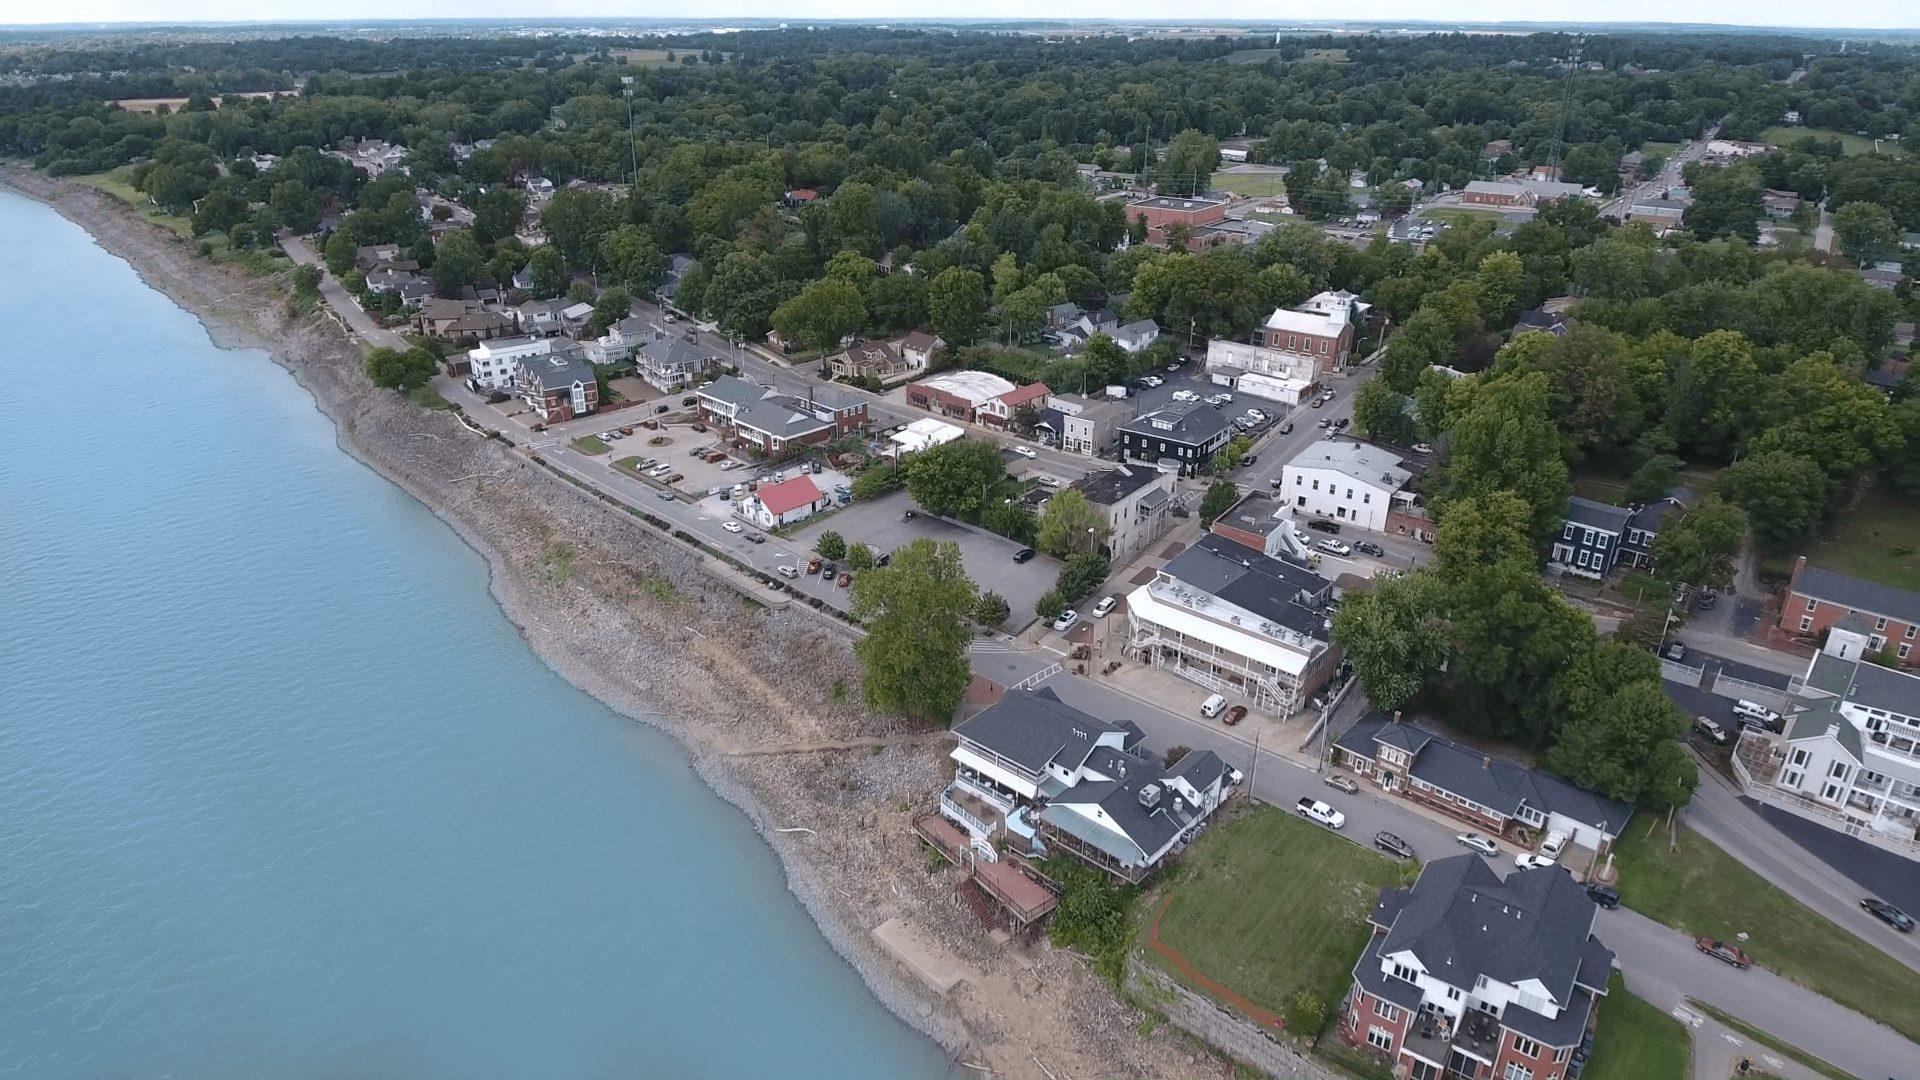 Newburgh aerial view